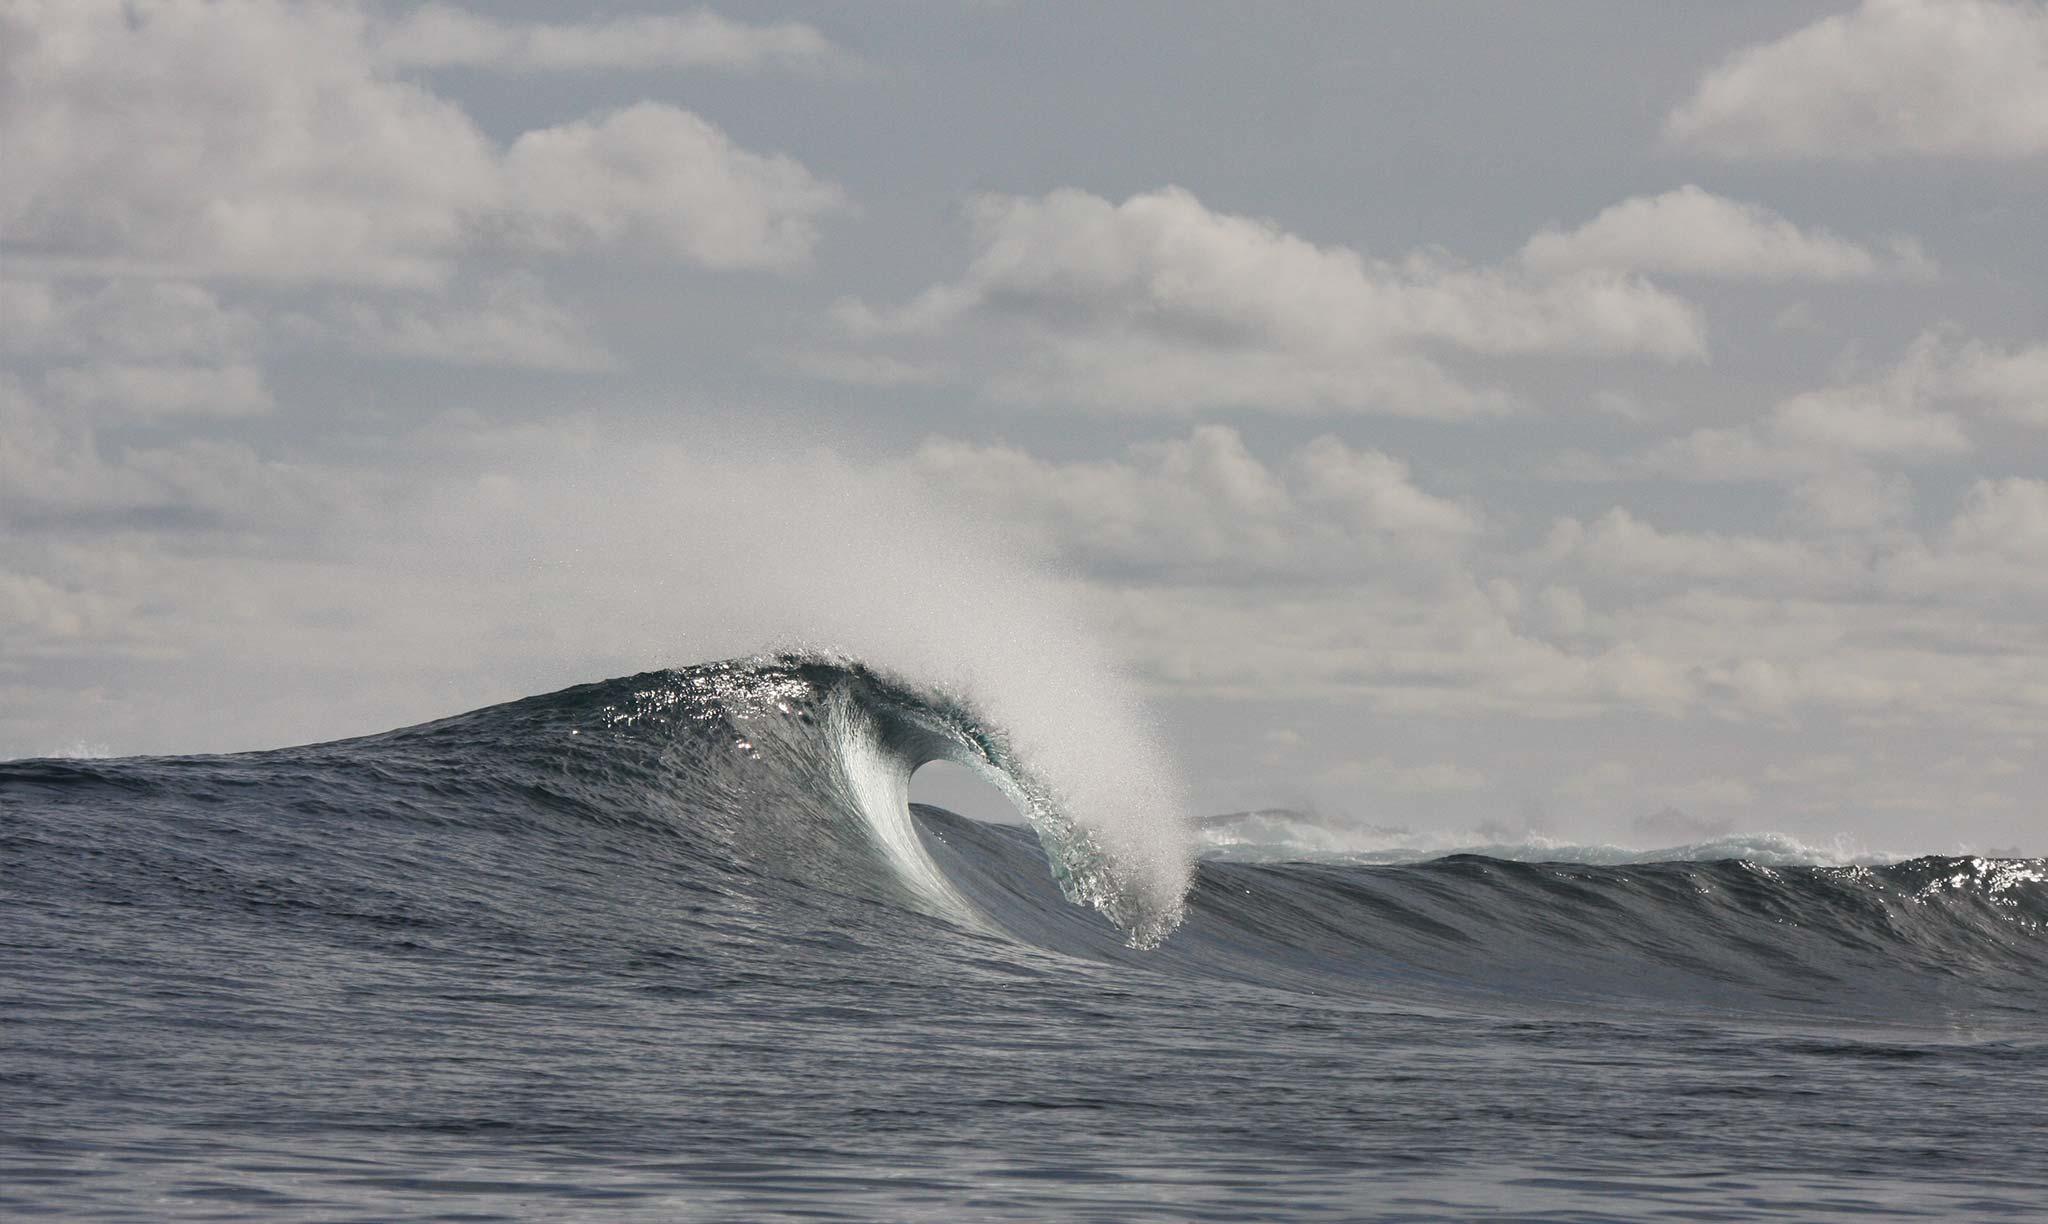 Mahi Mahi Waves 1